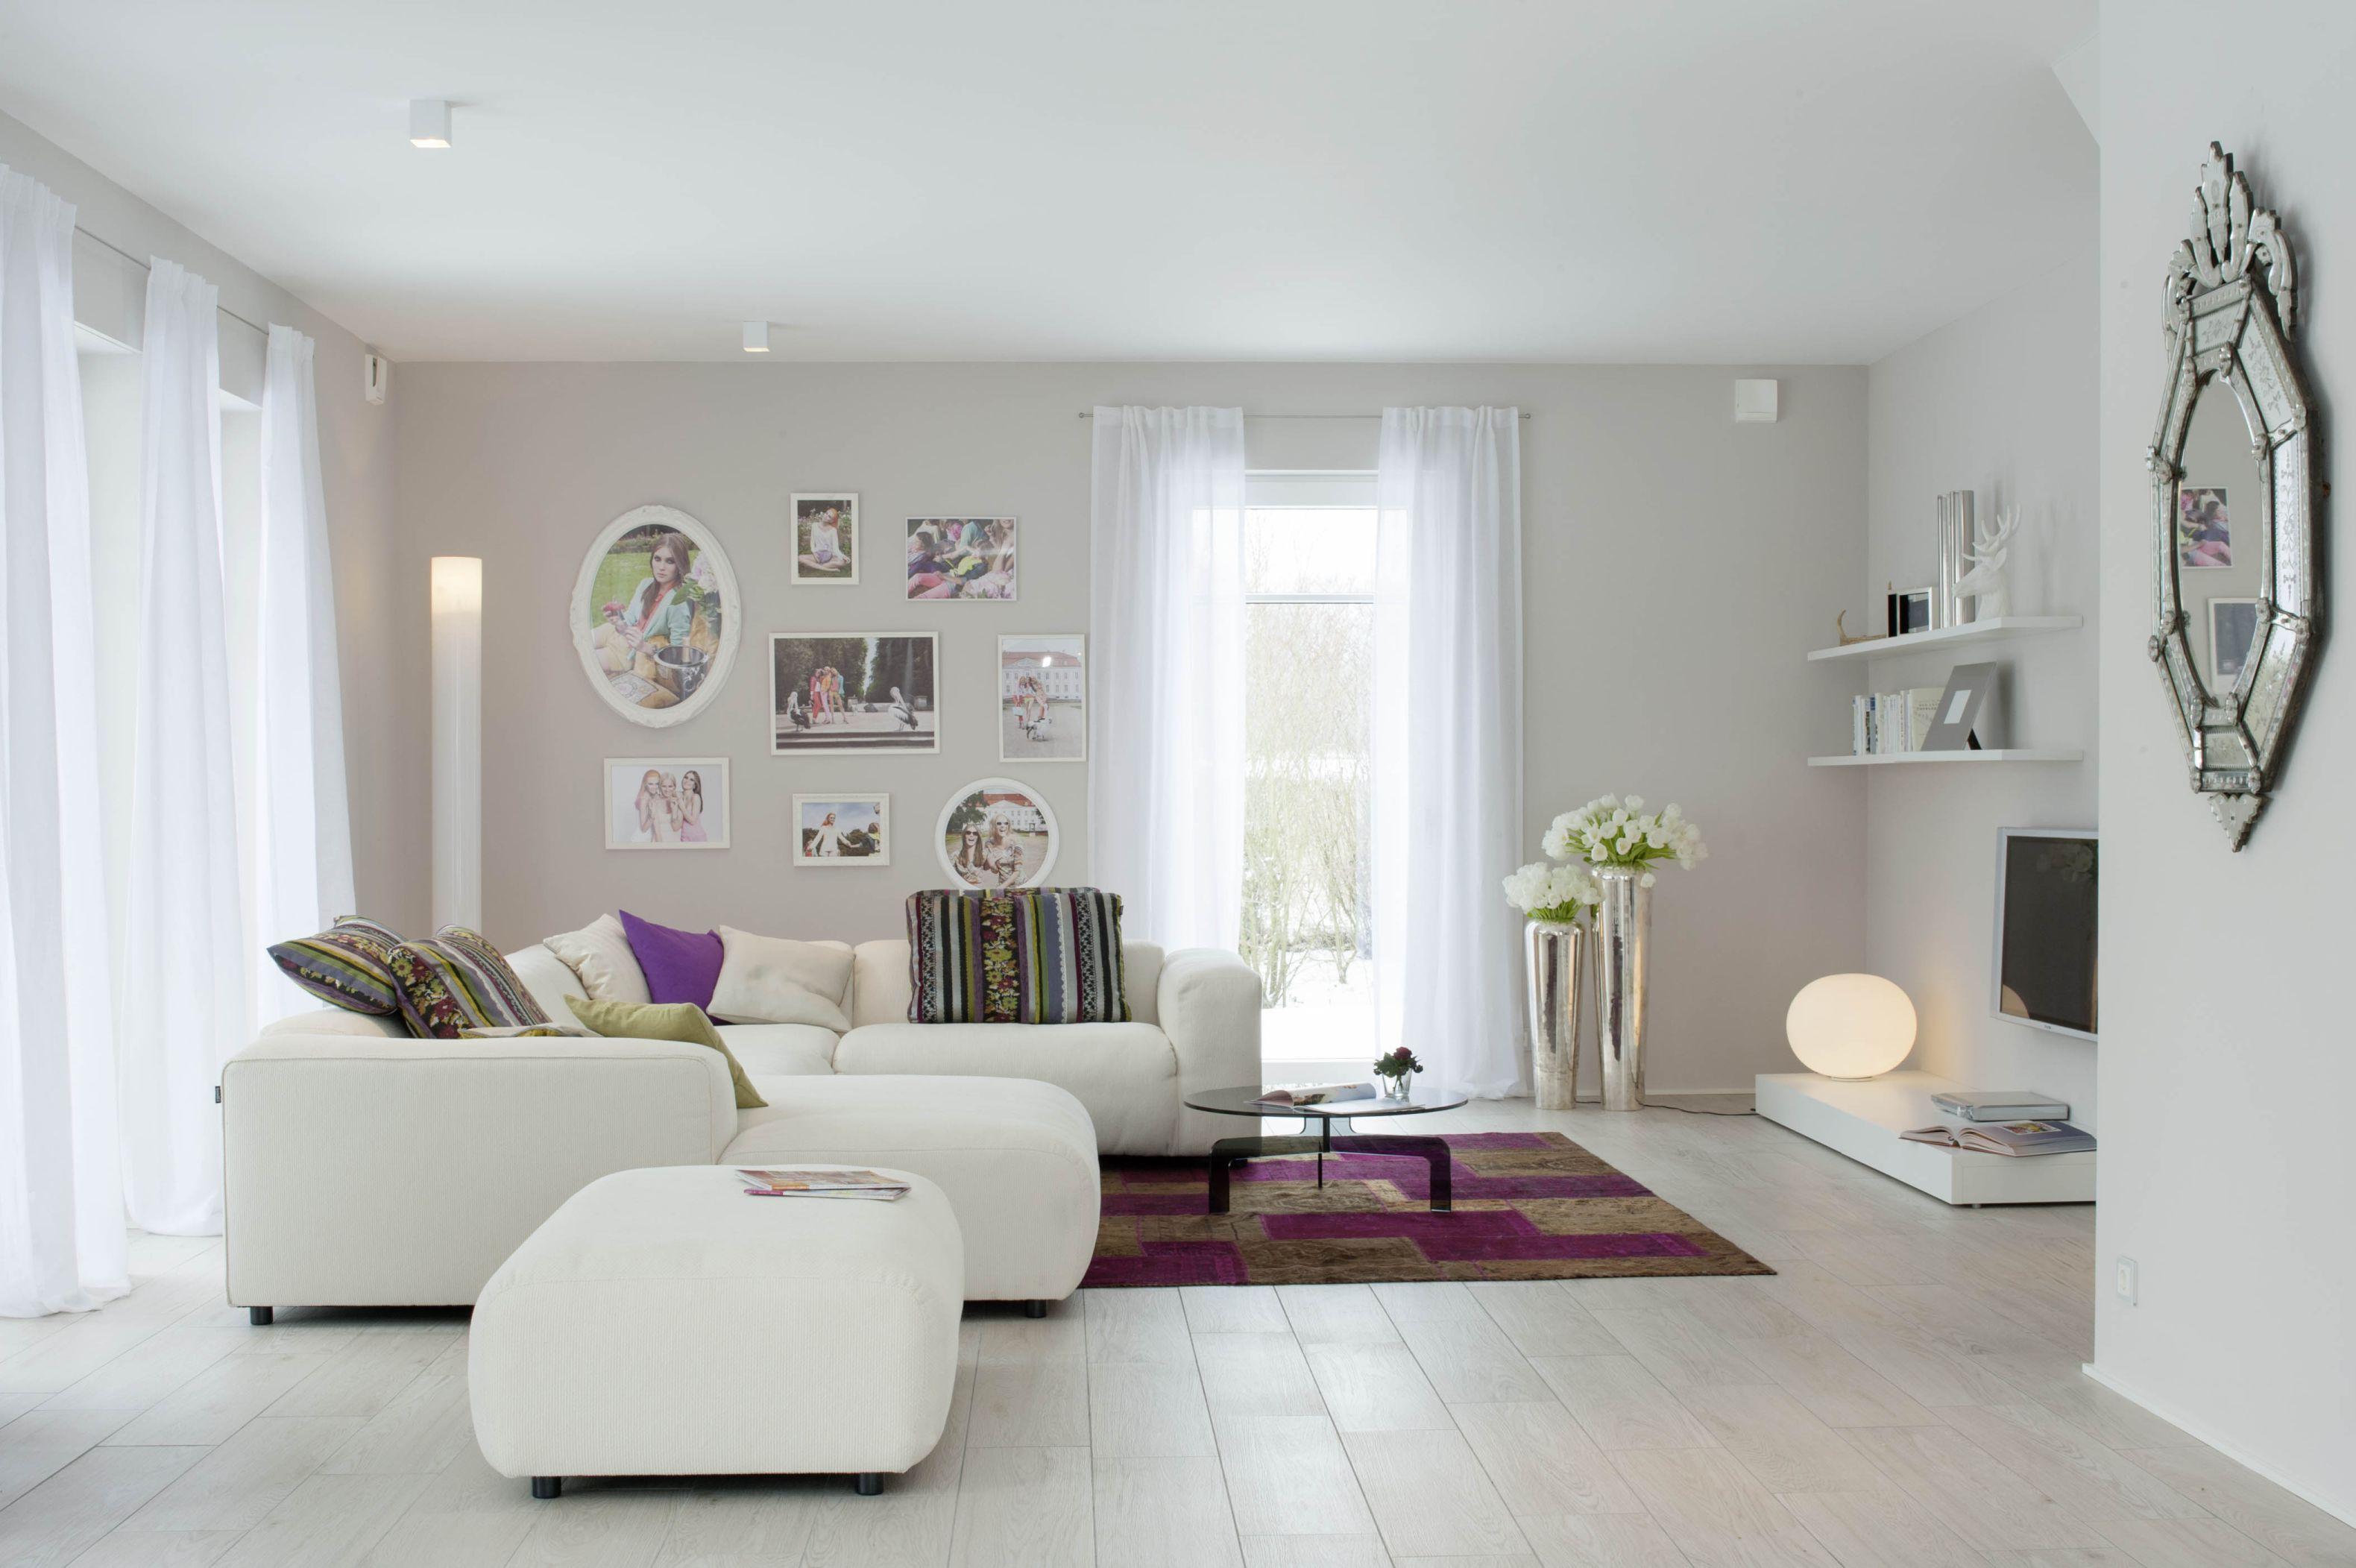 Joop Wohnzimmer | Mogliches Aussehen Der Wohnzimmer Sofabereich Raume Pinterest